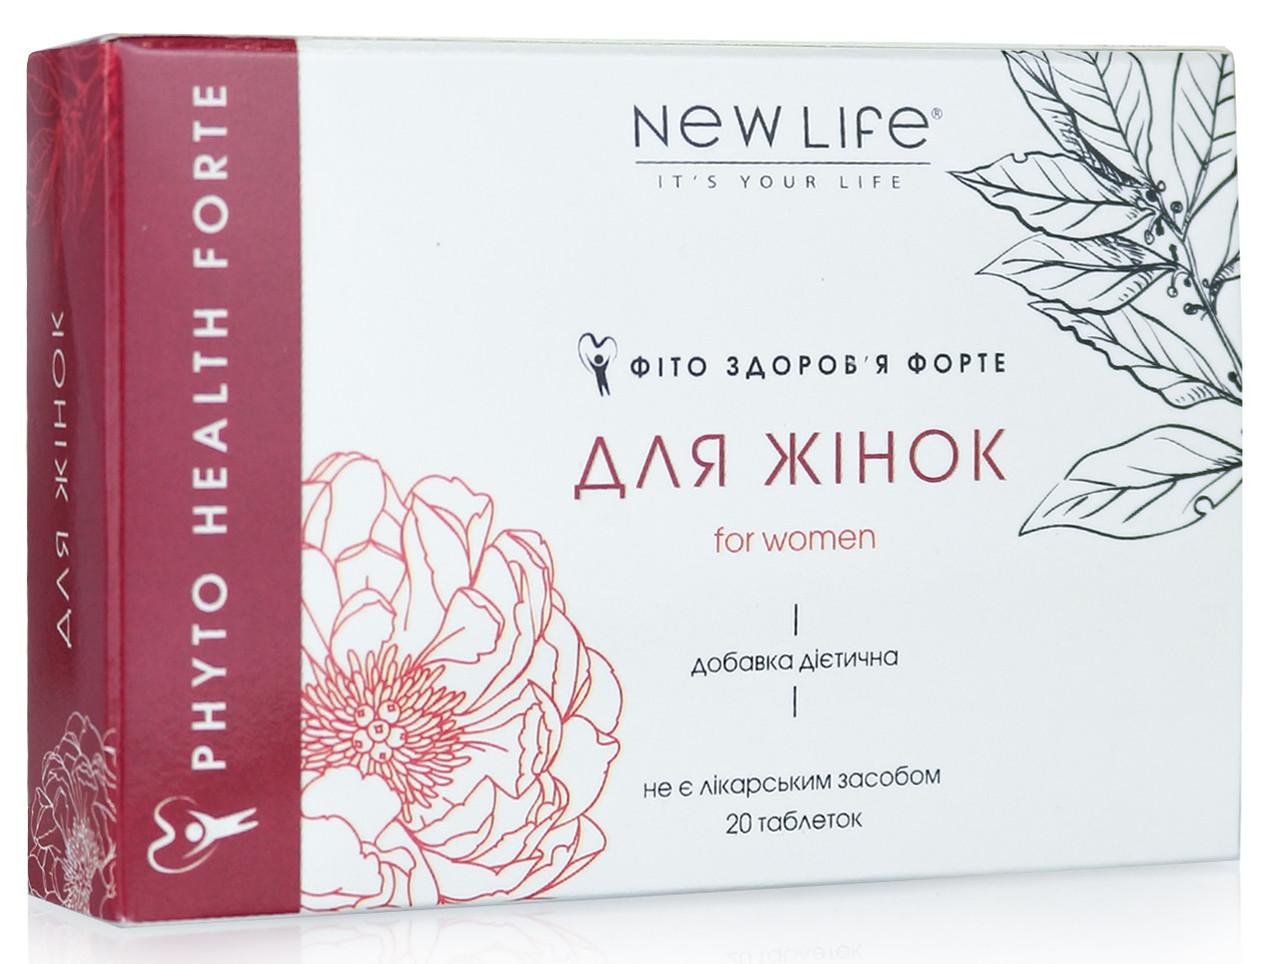 Фито Здоровье Форте Для Женщин Новая Жизнь (New Life) 20 таблеток - добавка диетическая